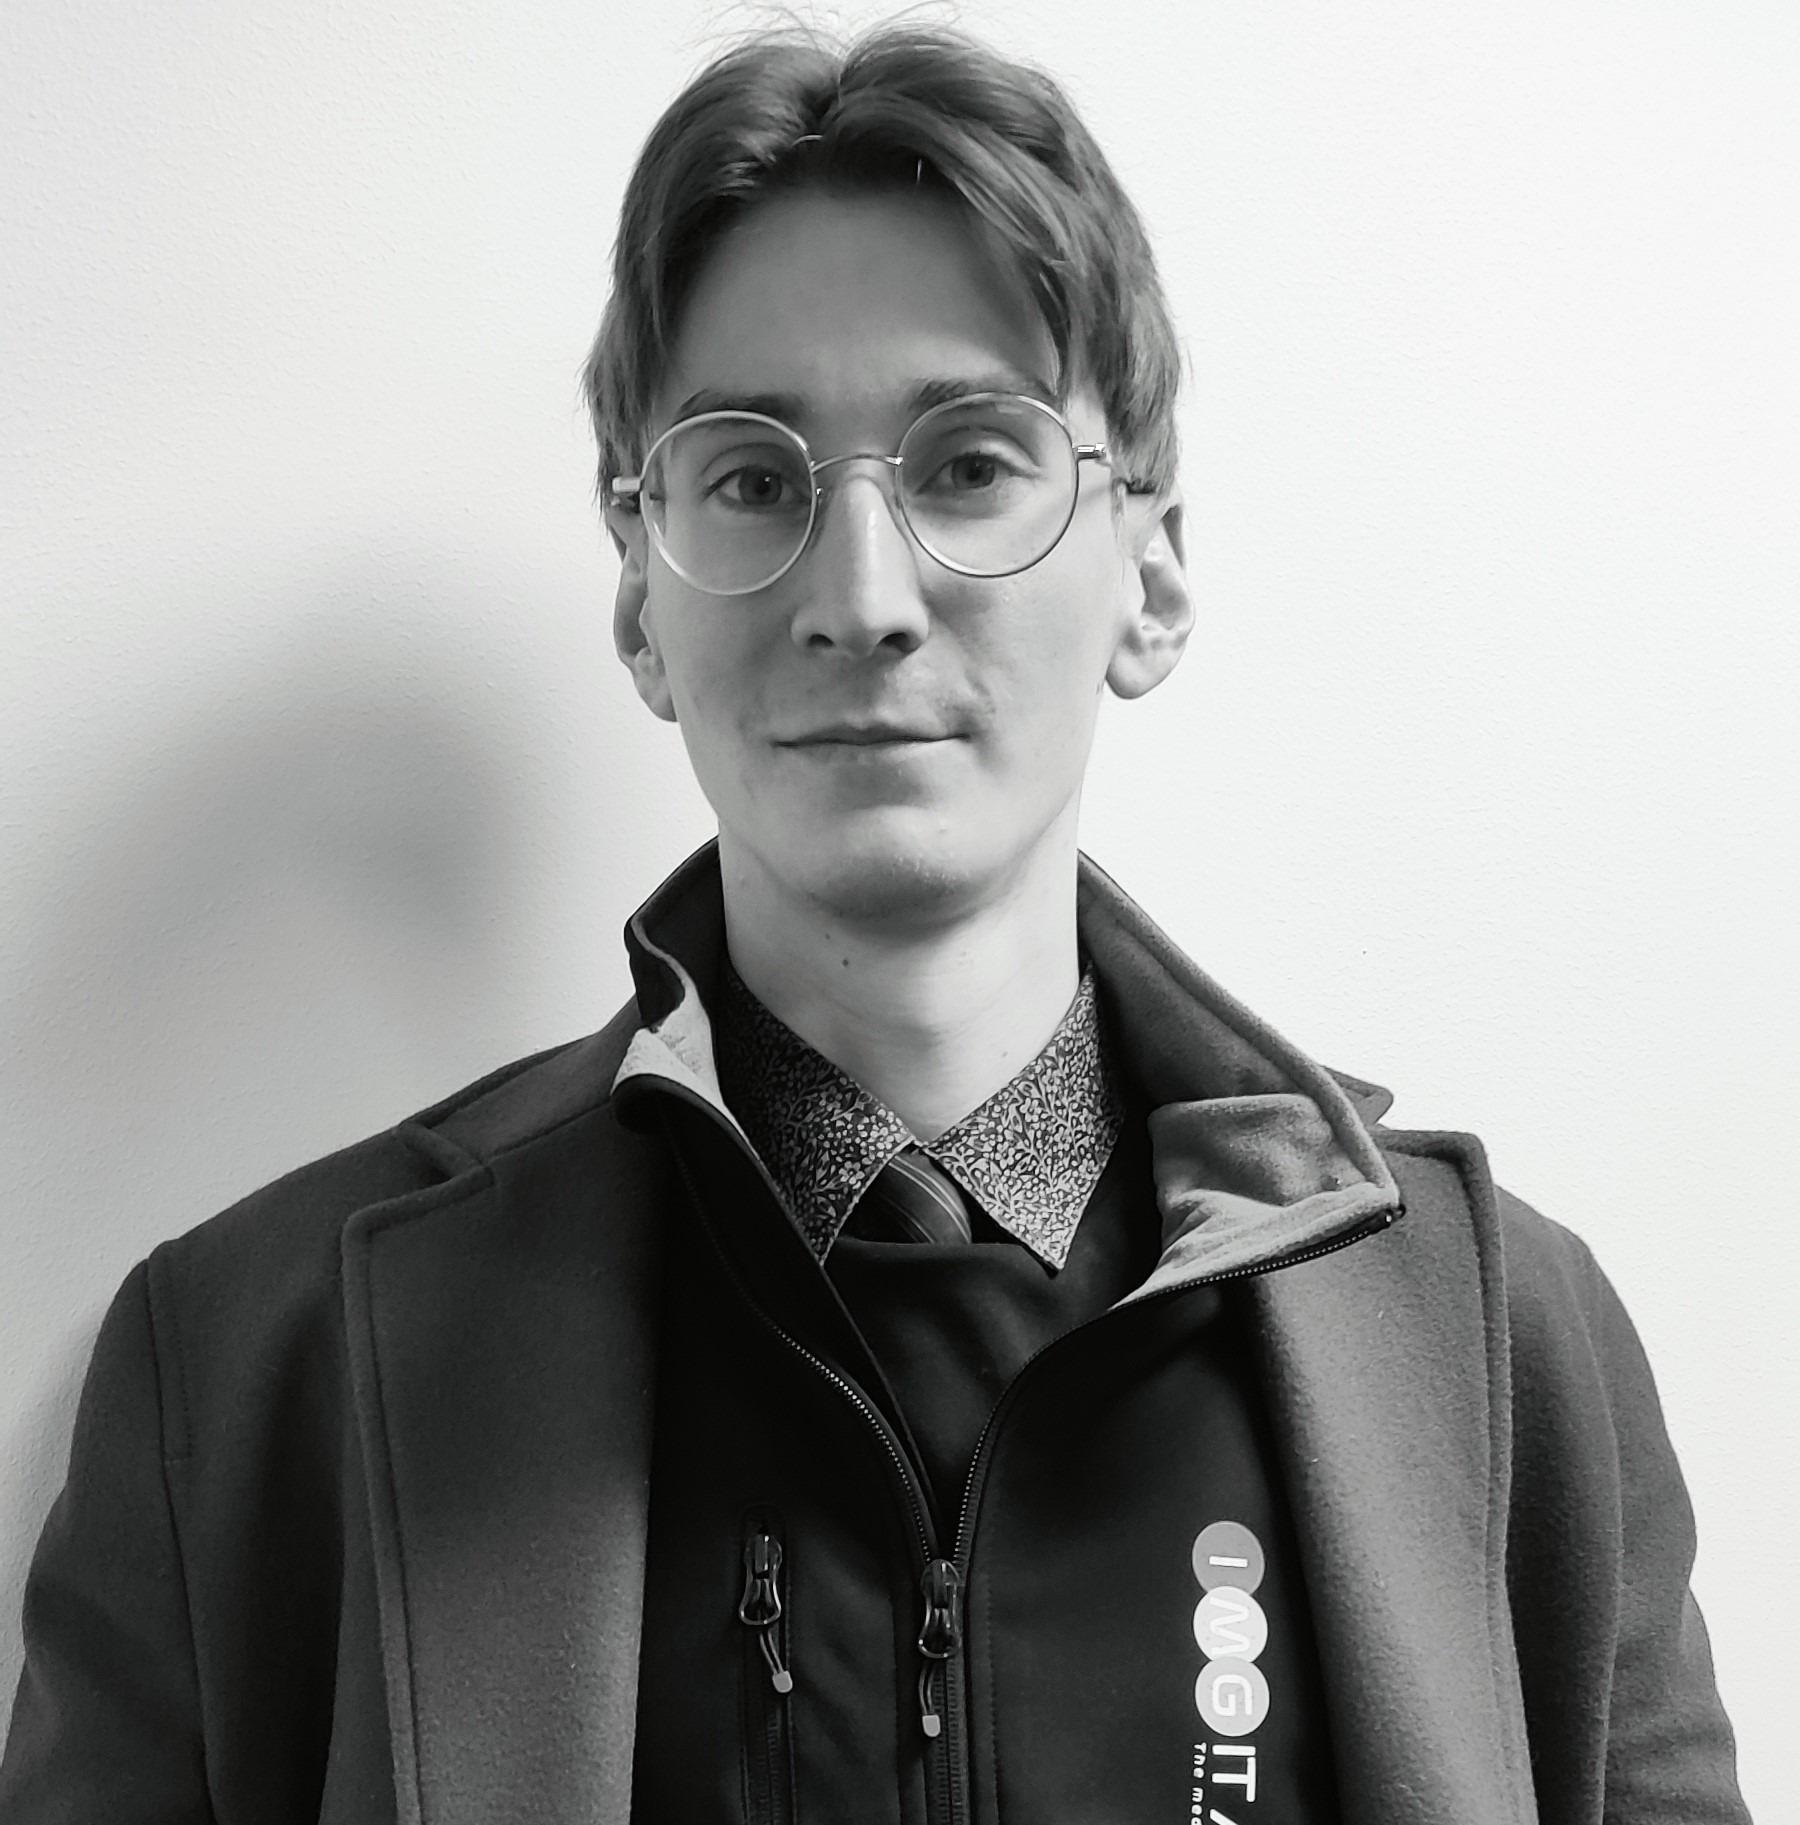 Oscar Acosta Berg